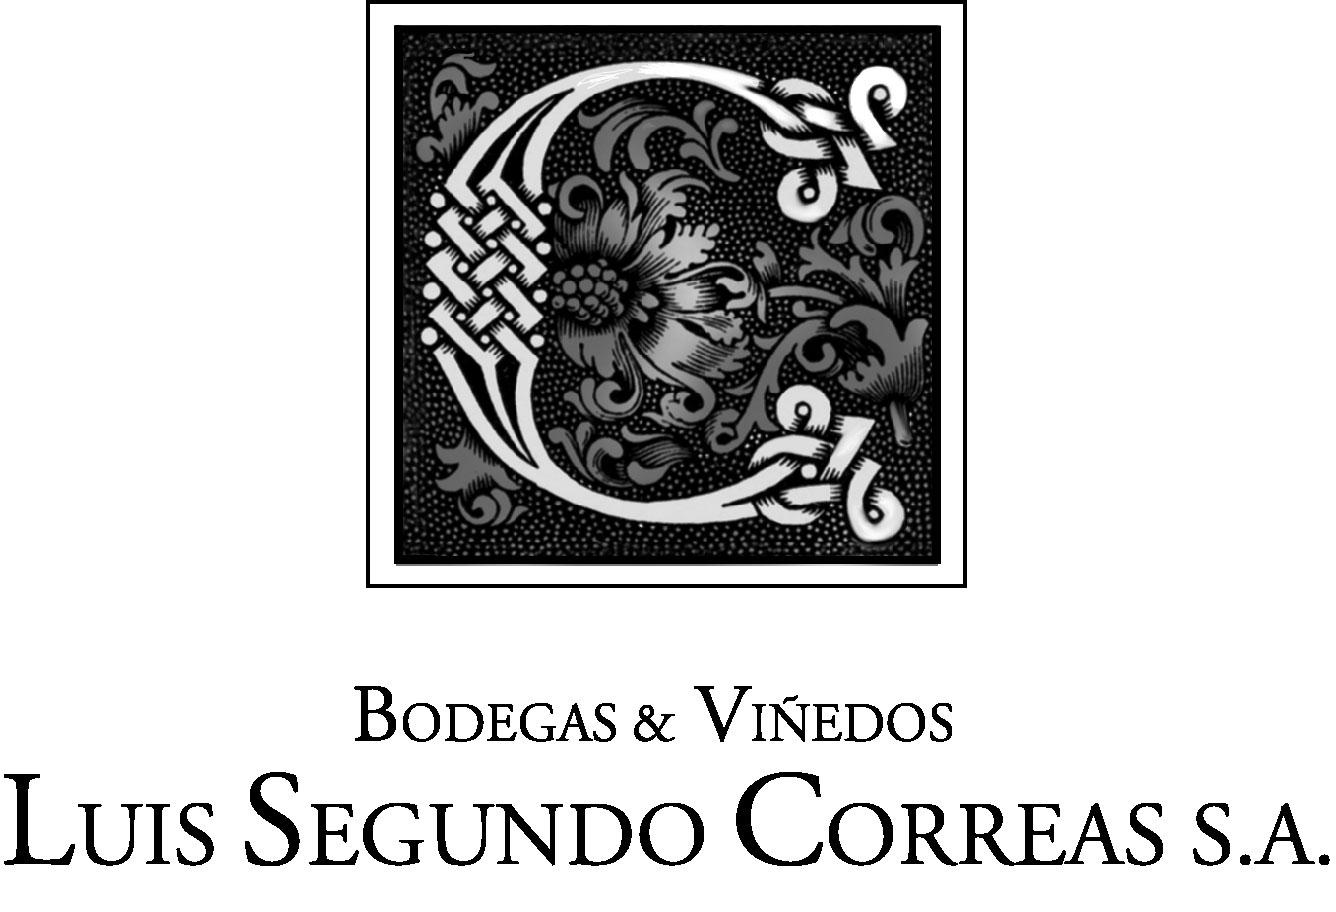 Bodega Luis Segundo Correas